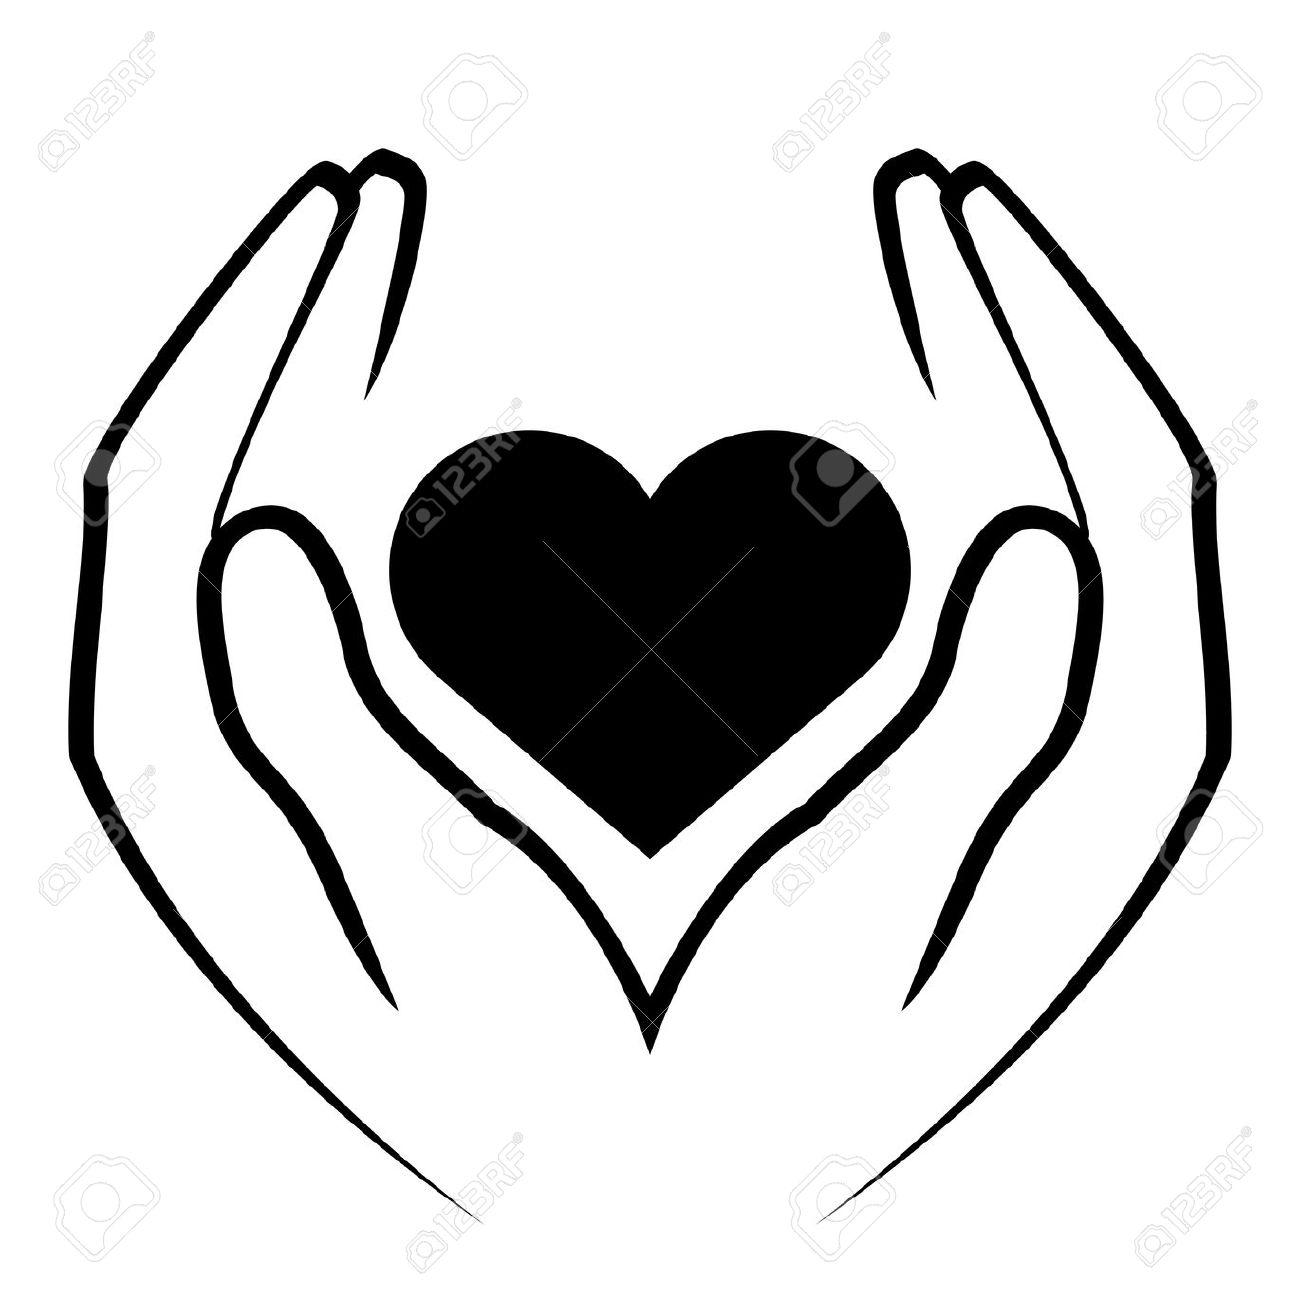 Hands Heart Clipart